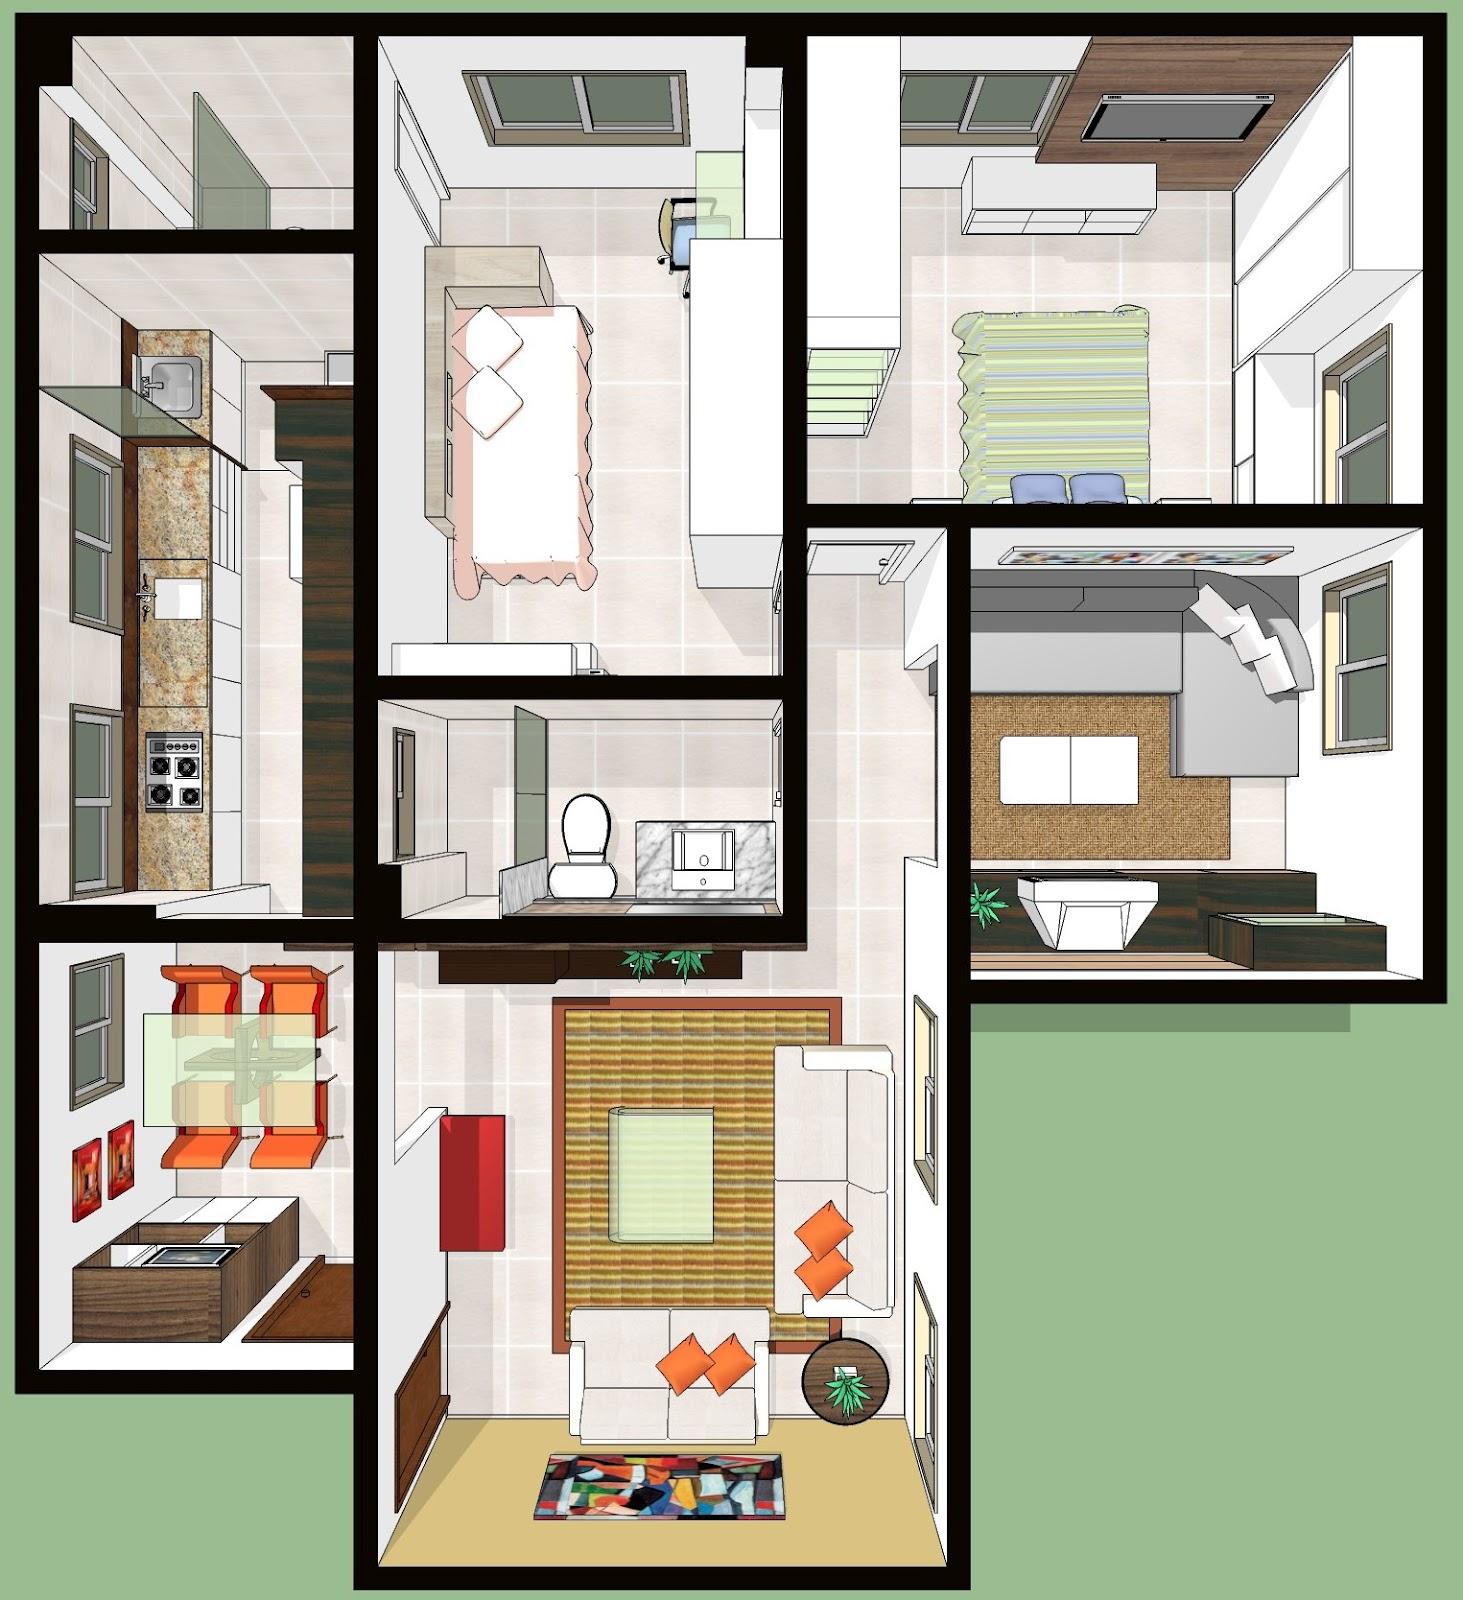 #A72E24 ANDREA MELO: Fevereiro 2012 1463x1600 px projeto banheiro compacto